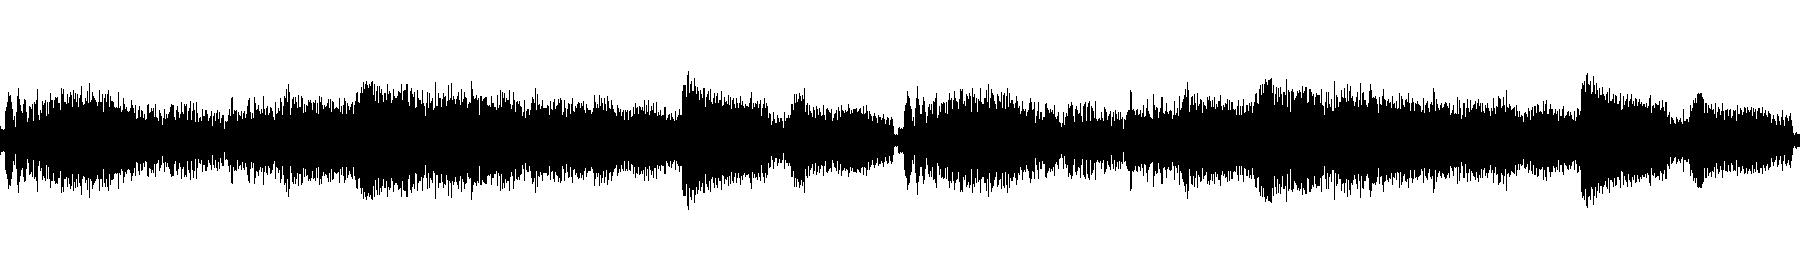 x loop 15